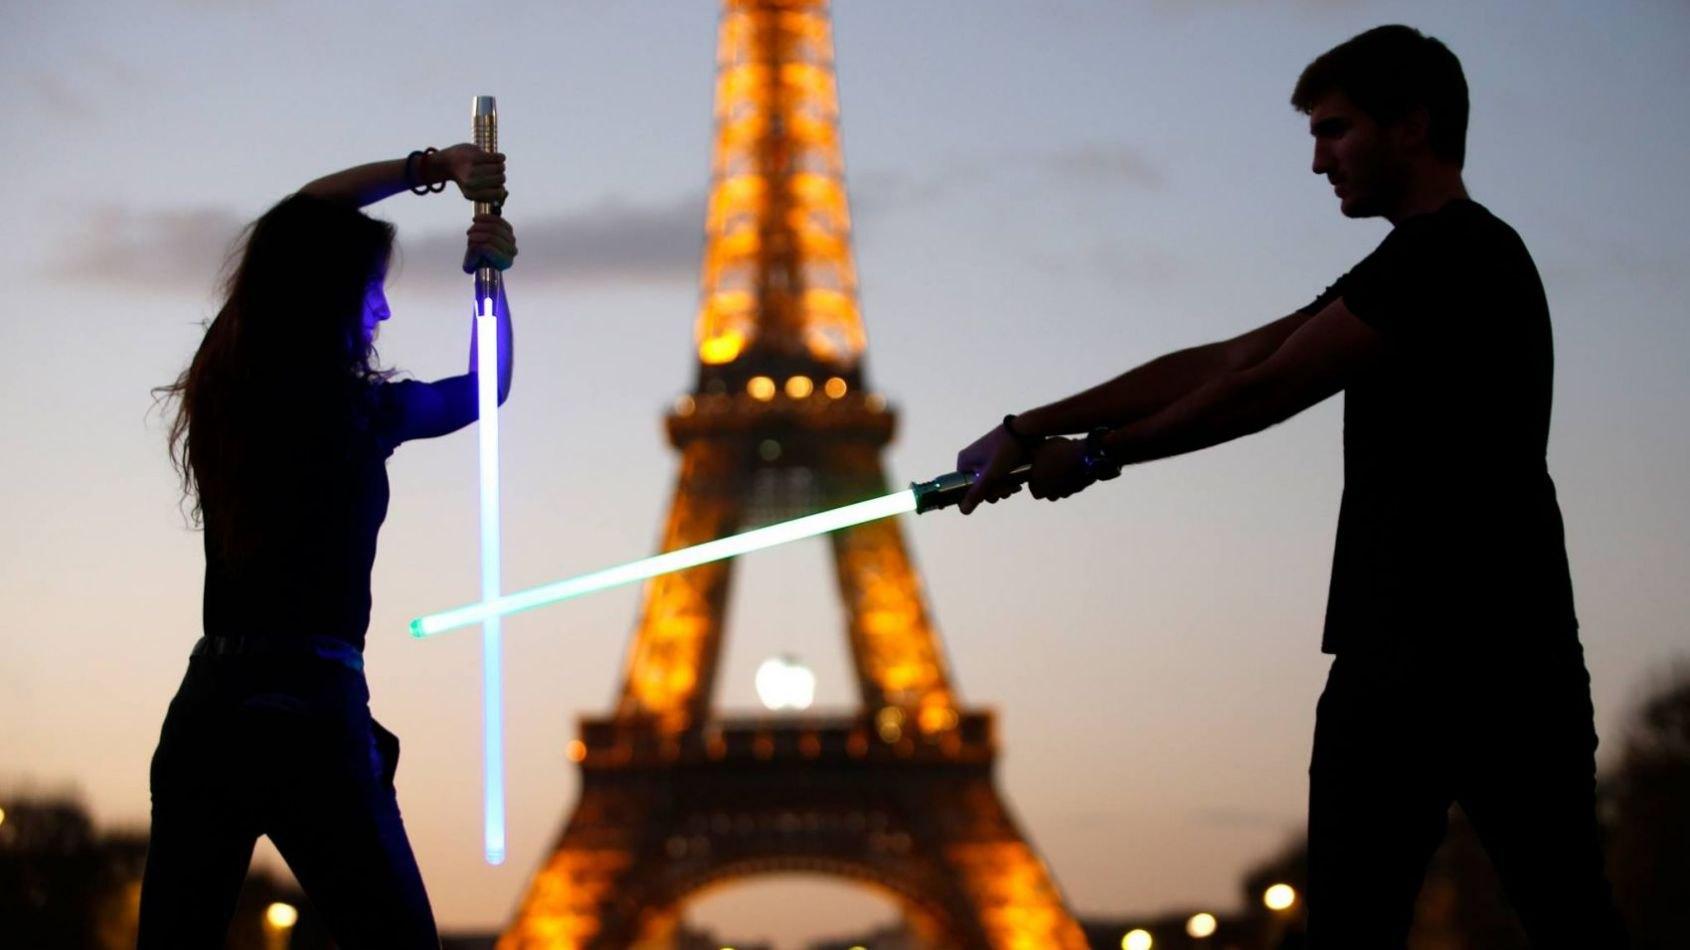 Open Paris Sabre Laser : la billetterie est ouverte !